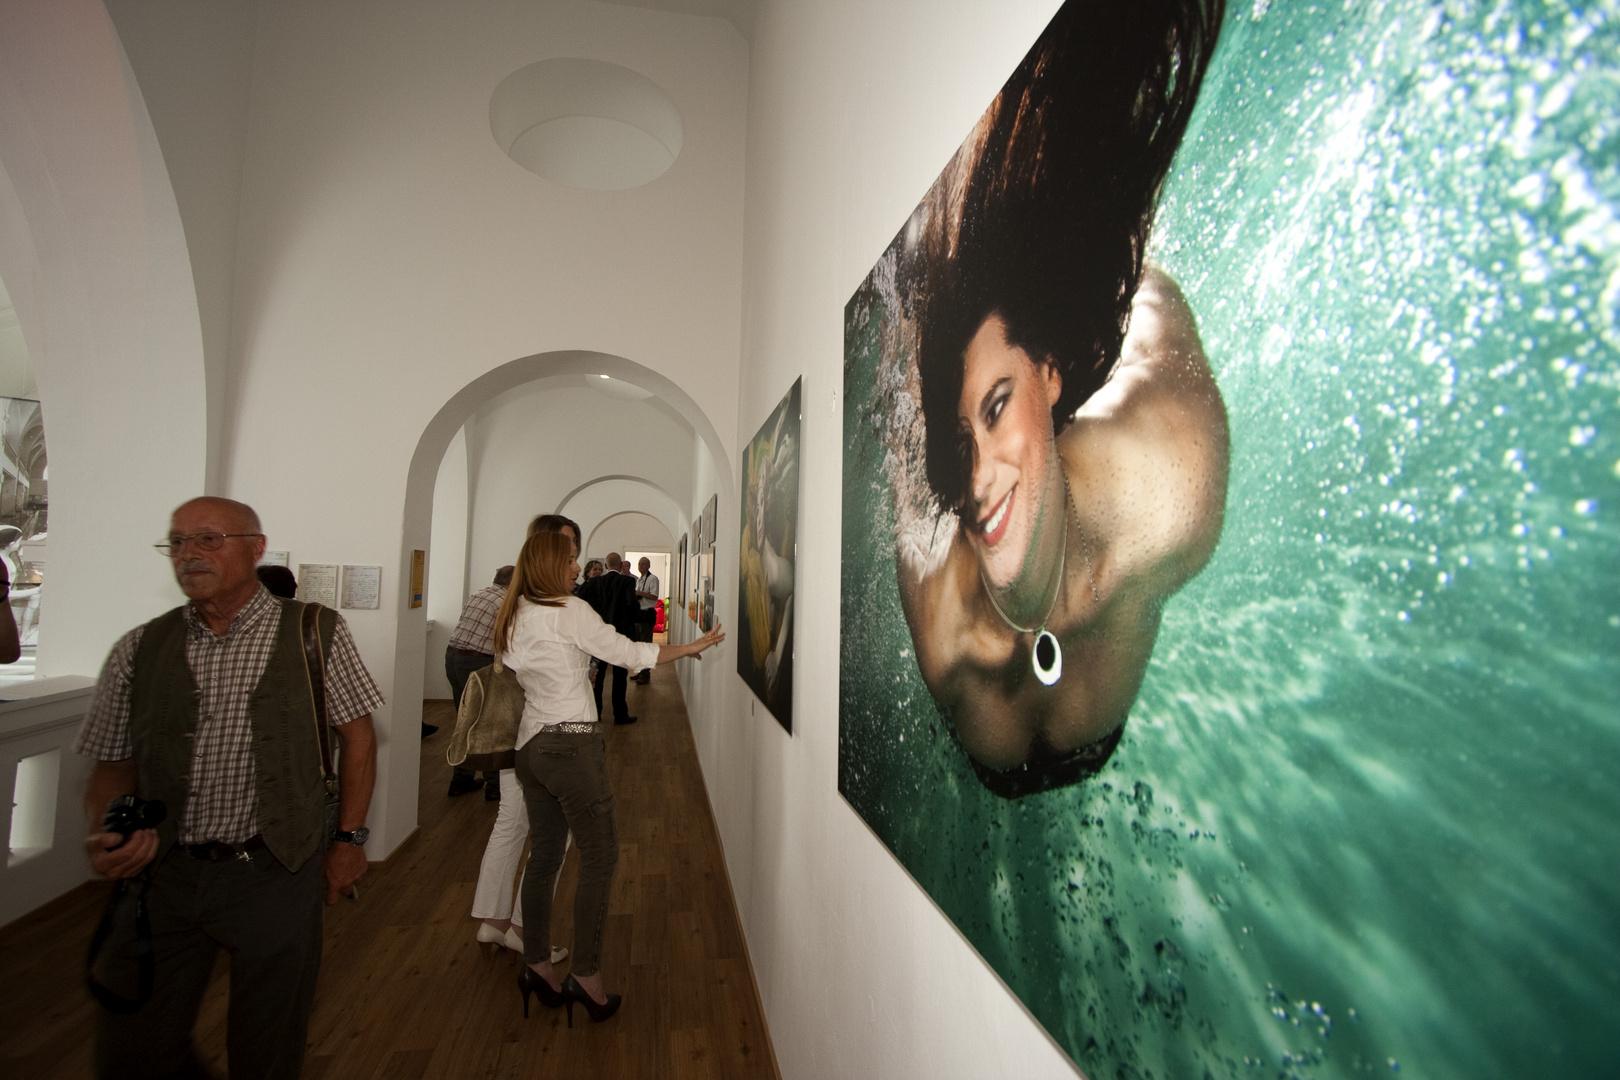 """Eröffnung des StaTTbades Neuwied am 20.06.2011 - Ausstellung """"Unter Wasser"""" (2)"""